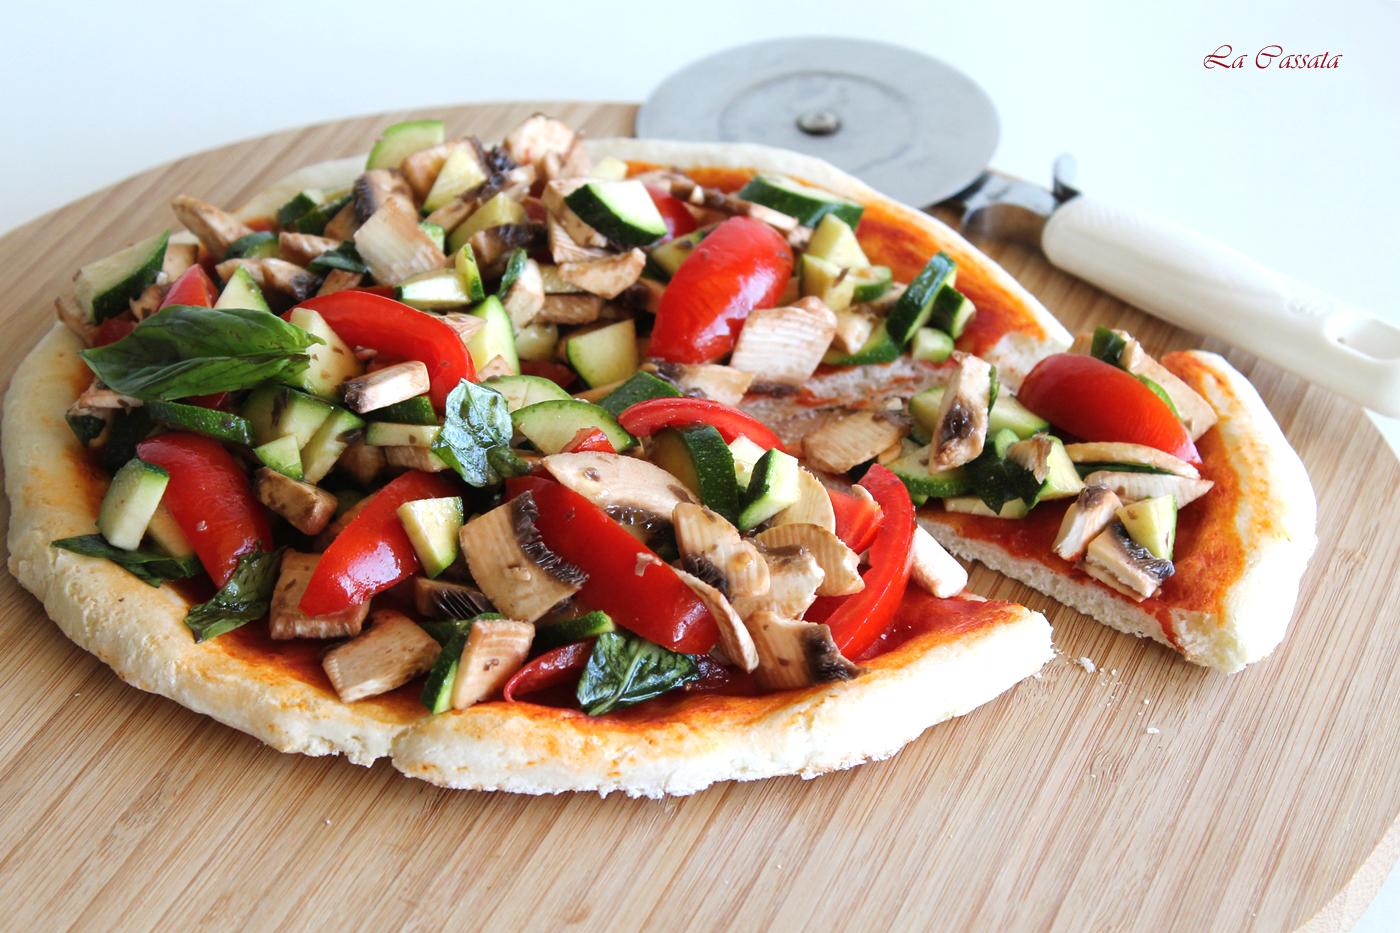 Pizza aux légumes sans gluten - La Cassata Celiaca